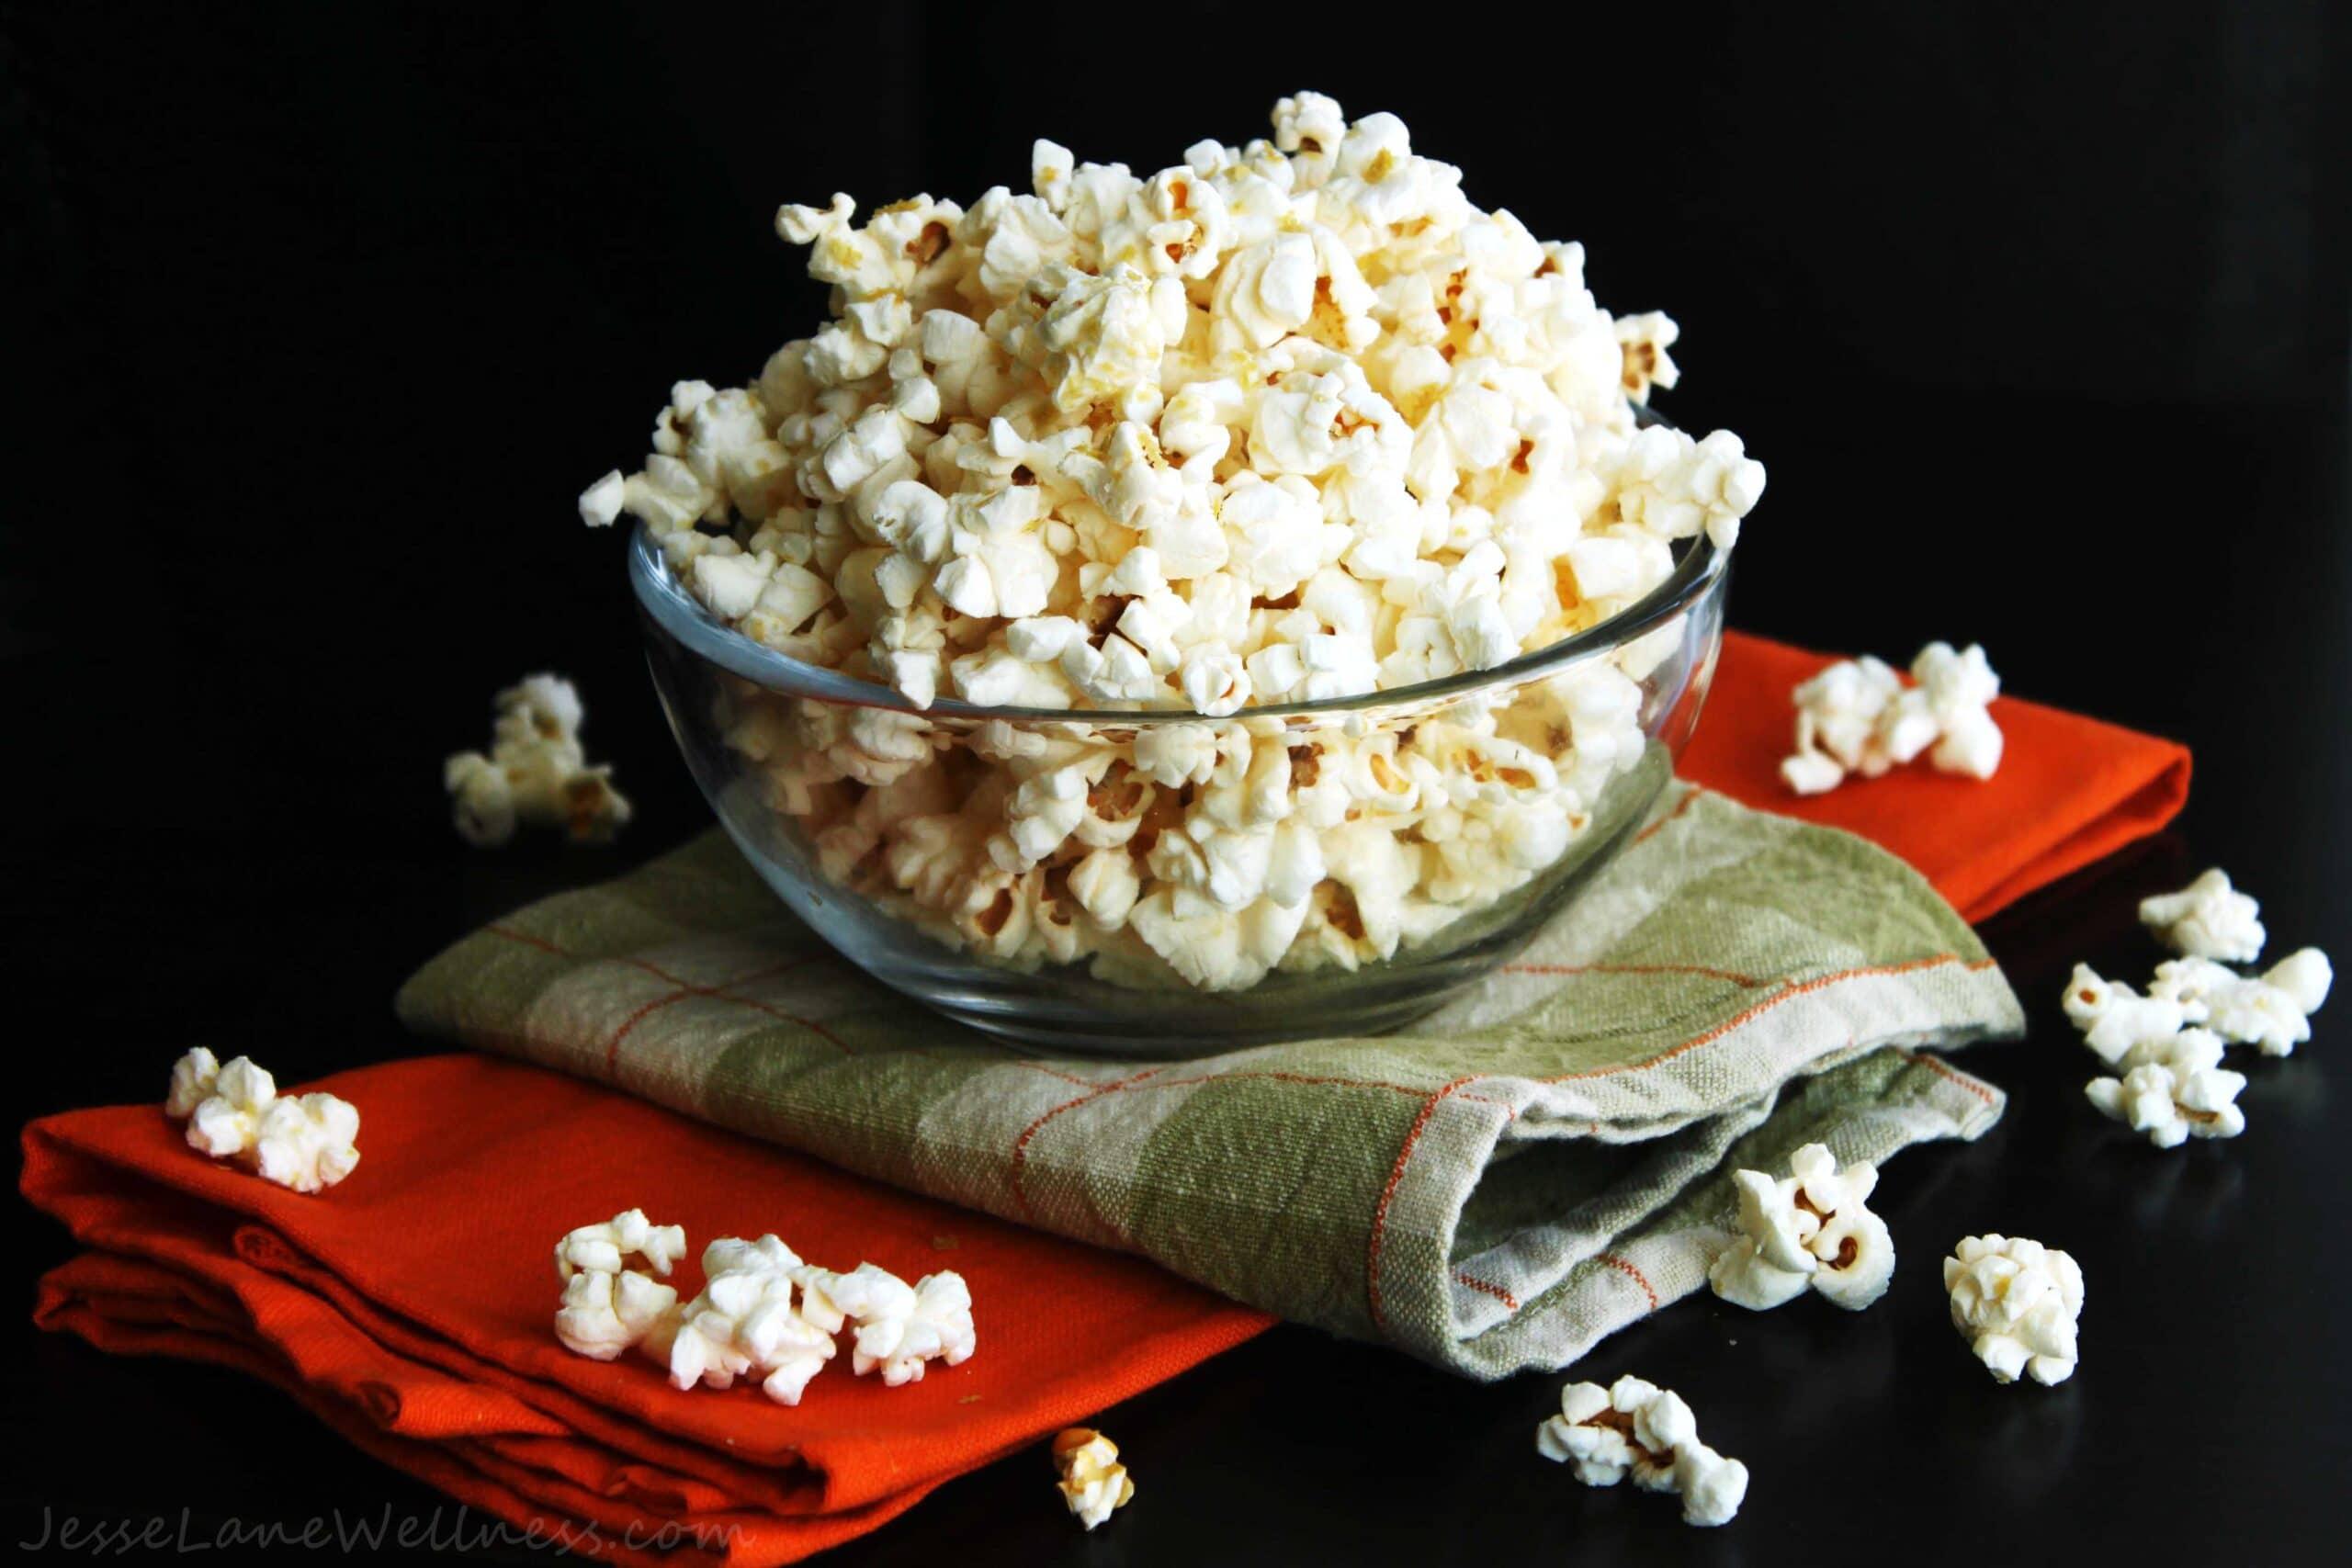 Cheesy Popcorn by @JesseLWellness #vegan #dairyfree